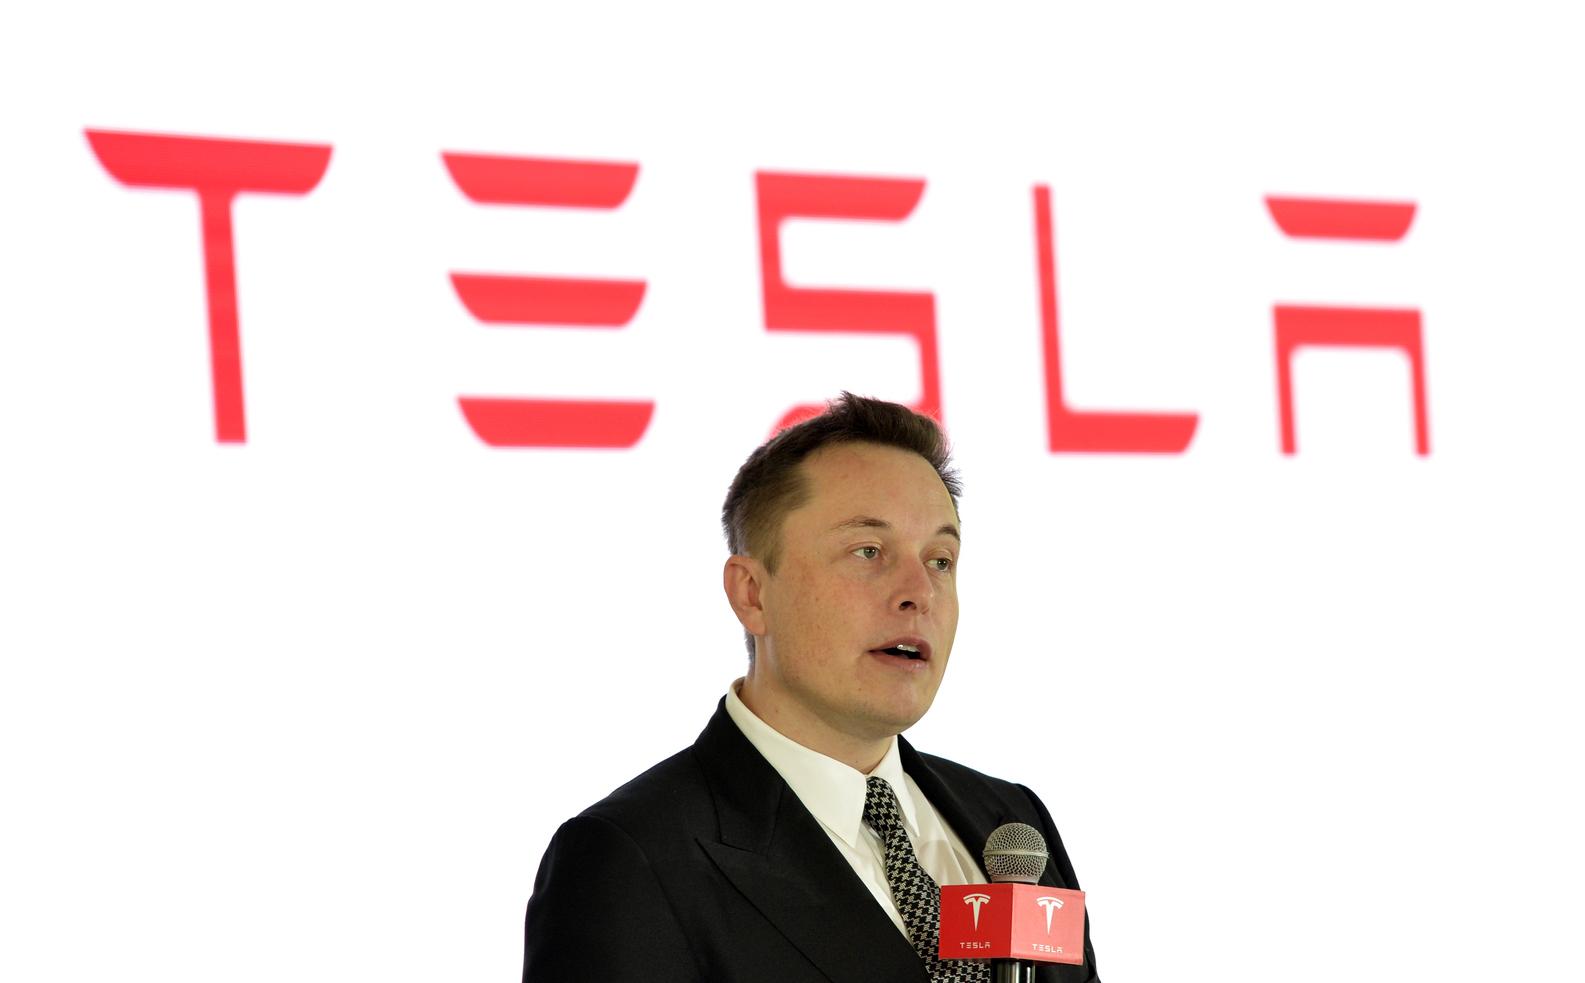 Elon Musk: Reicher als Warren Buffett